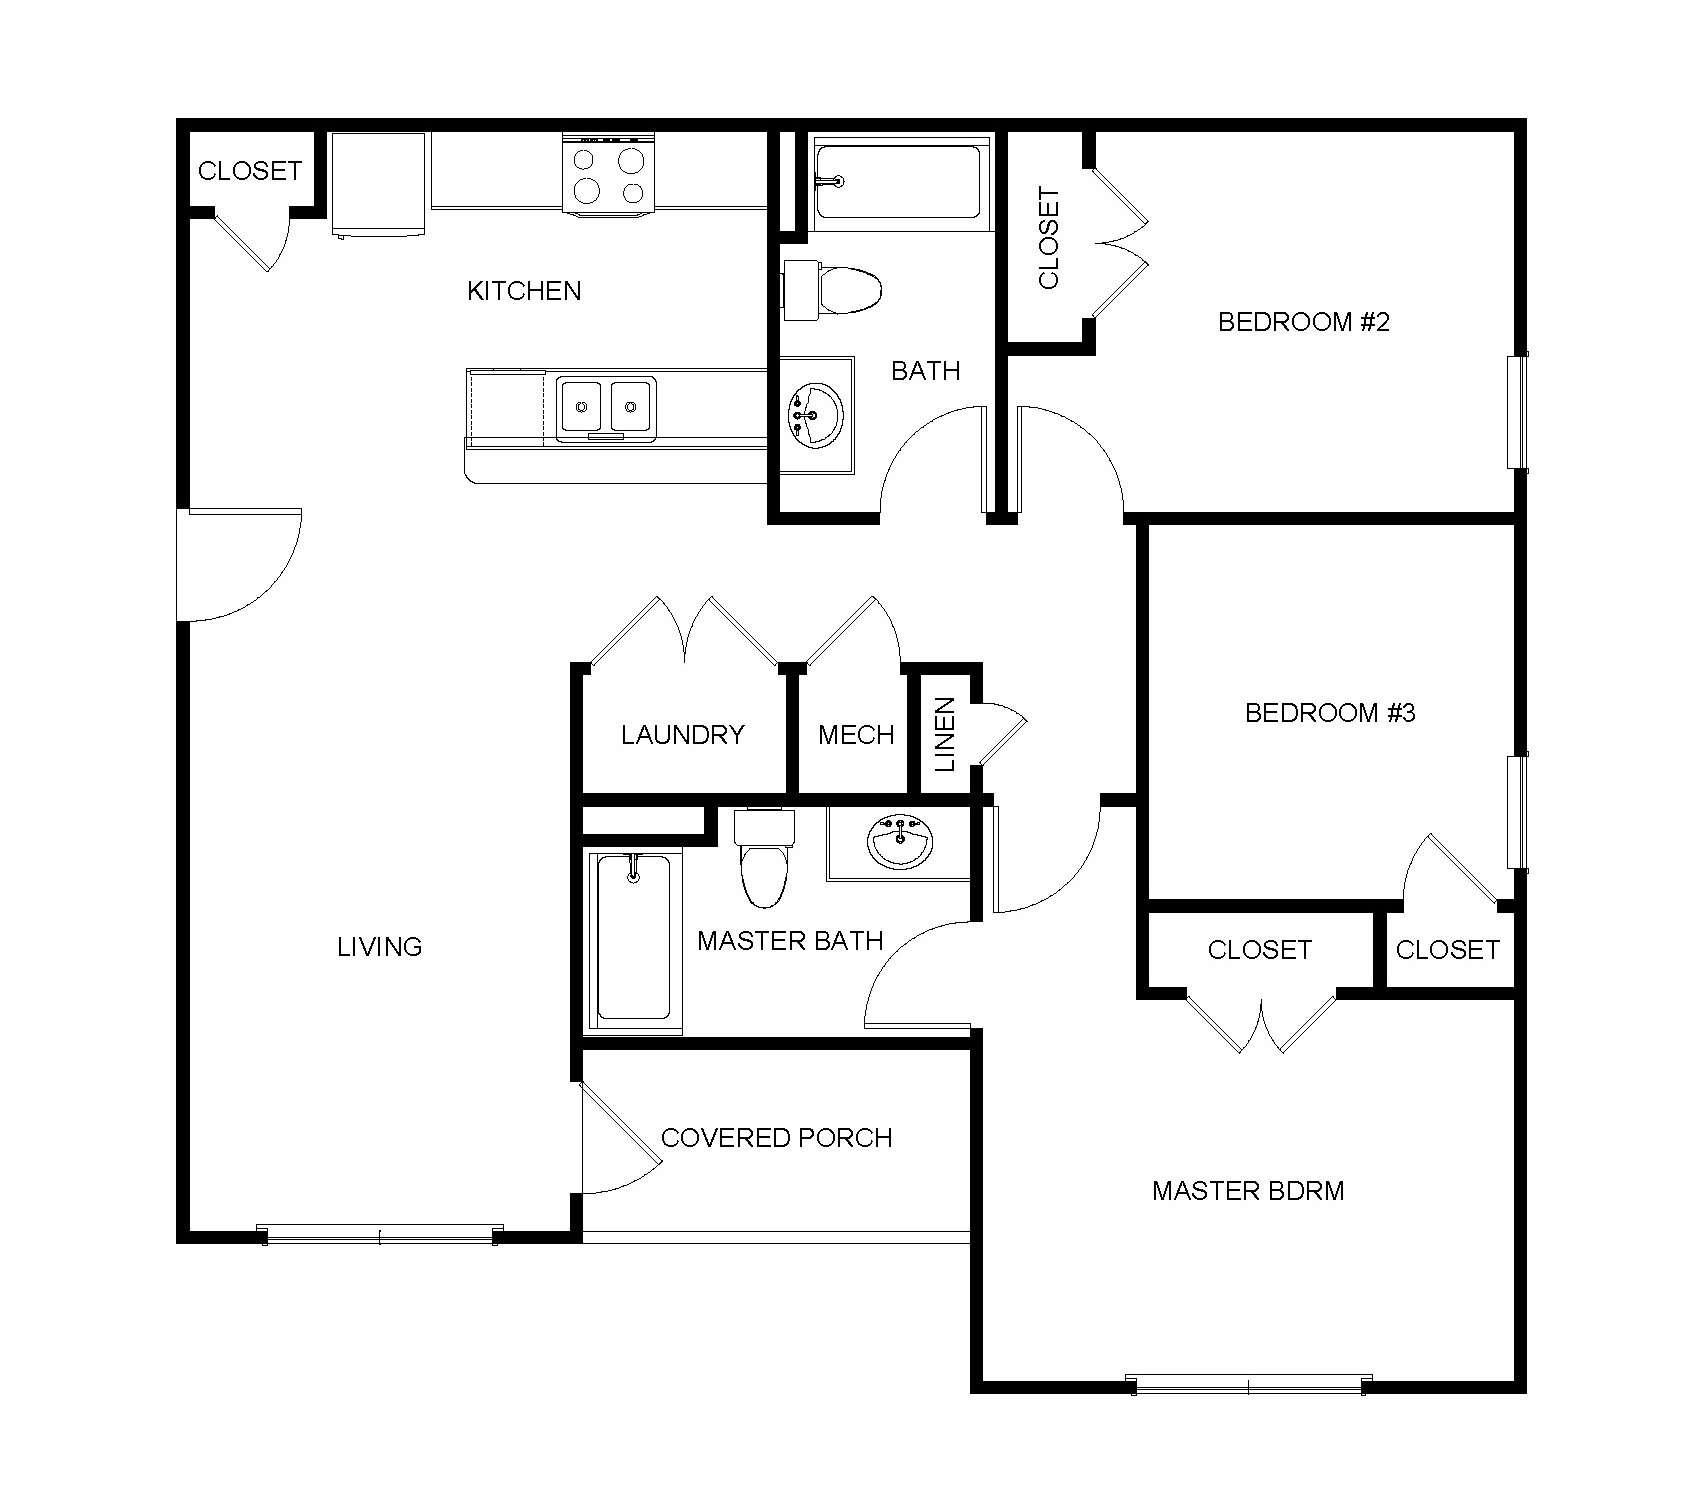 3 Bedroom, 2 Bathroom - B